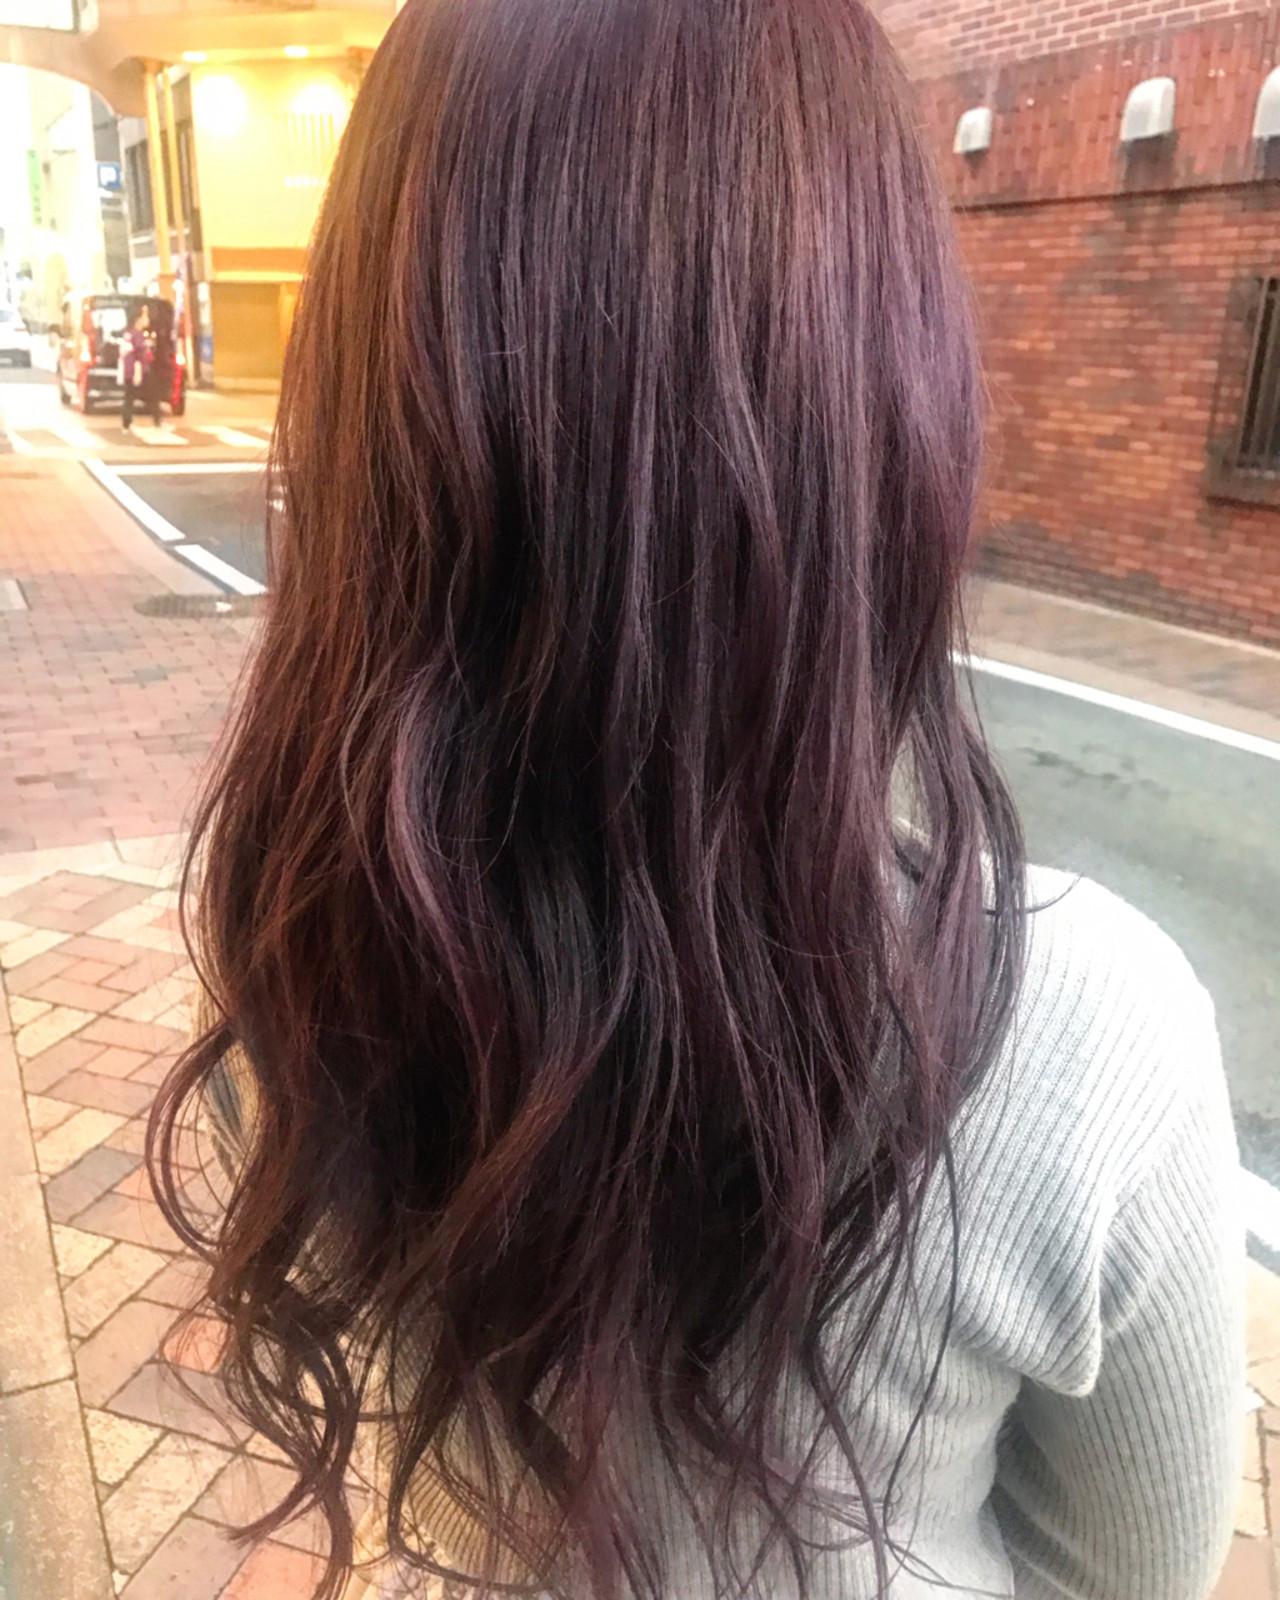 秋 ガーリー ラベンダーピンク 透明感 ヘアスタイルや髪型の写真・画像 | 井上瑛絵 / vicushair